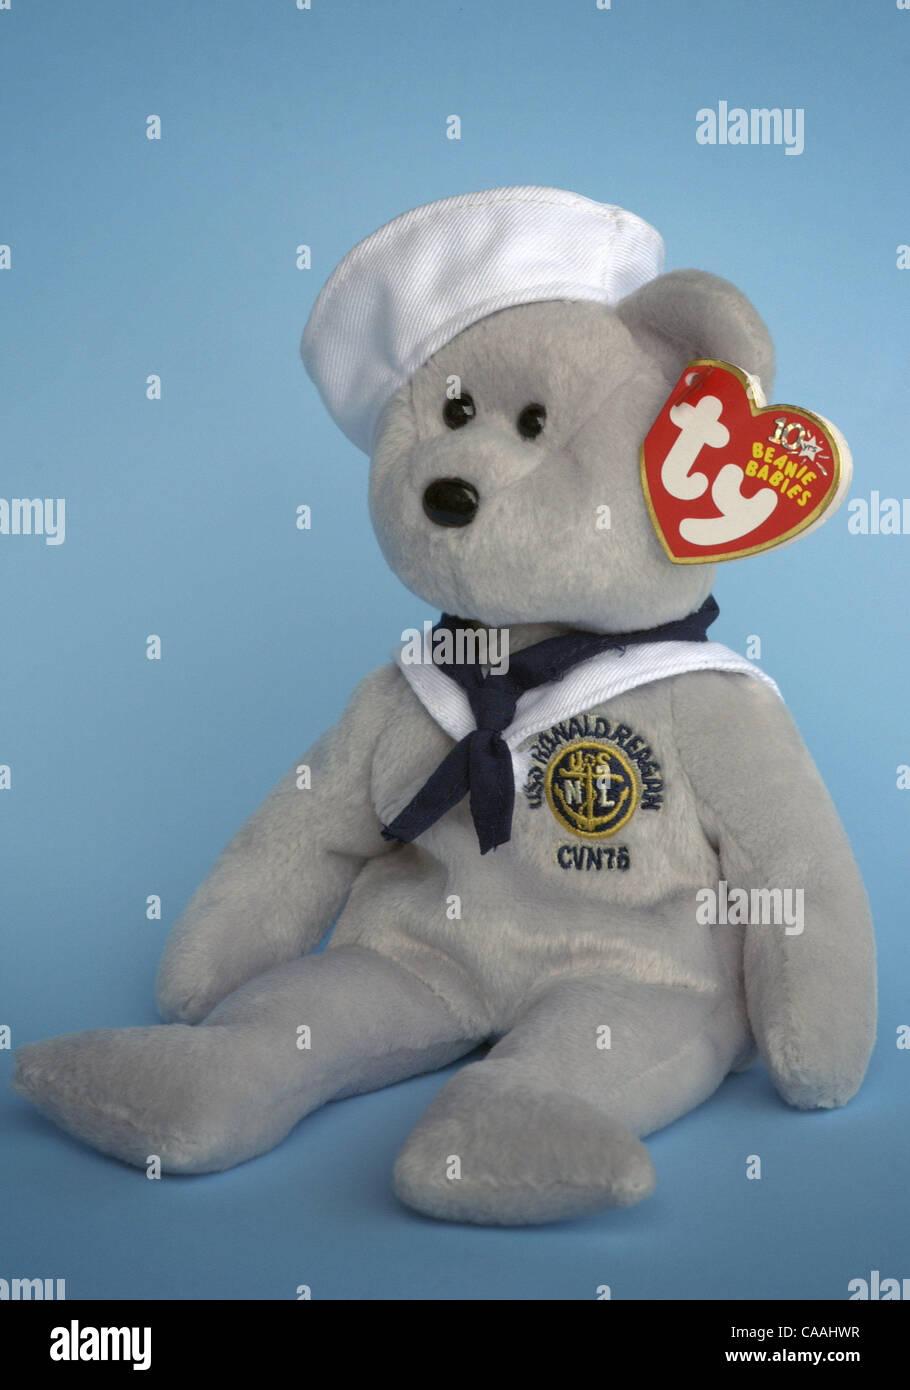 821f2193df8 Beanie Baby Bear Stock Photos   Beanie Baby Bear Stock Images - Alamy